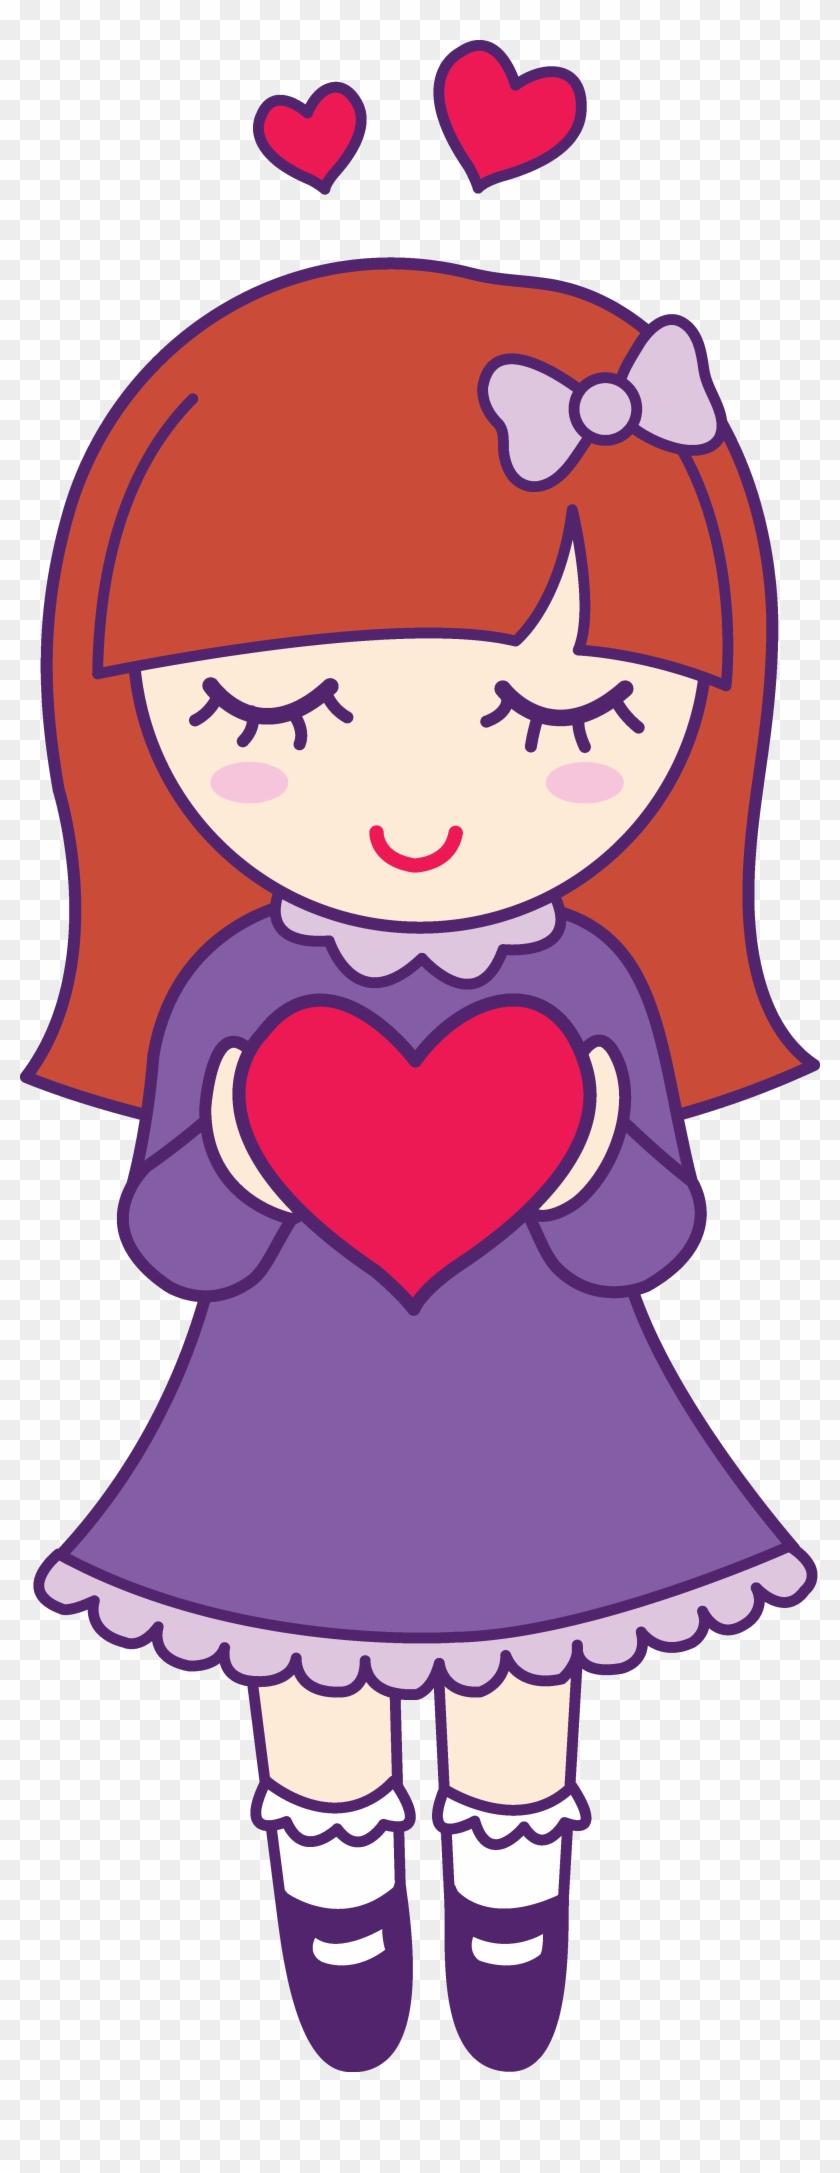 Hearts Clipart Girly - Hearts Clipart Girly #1825